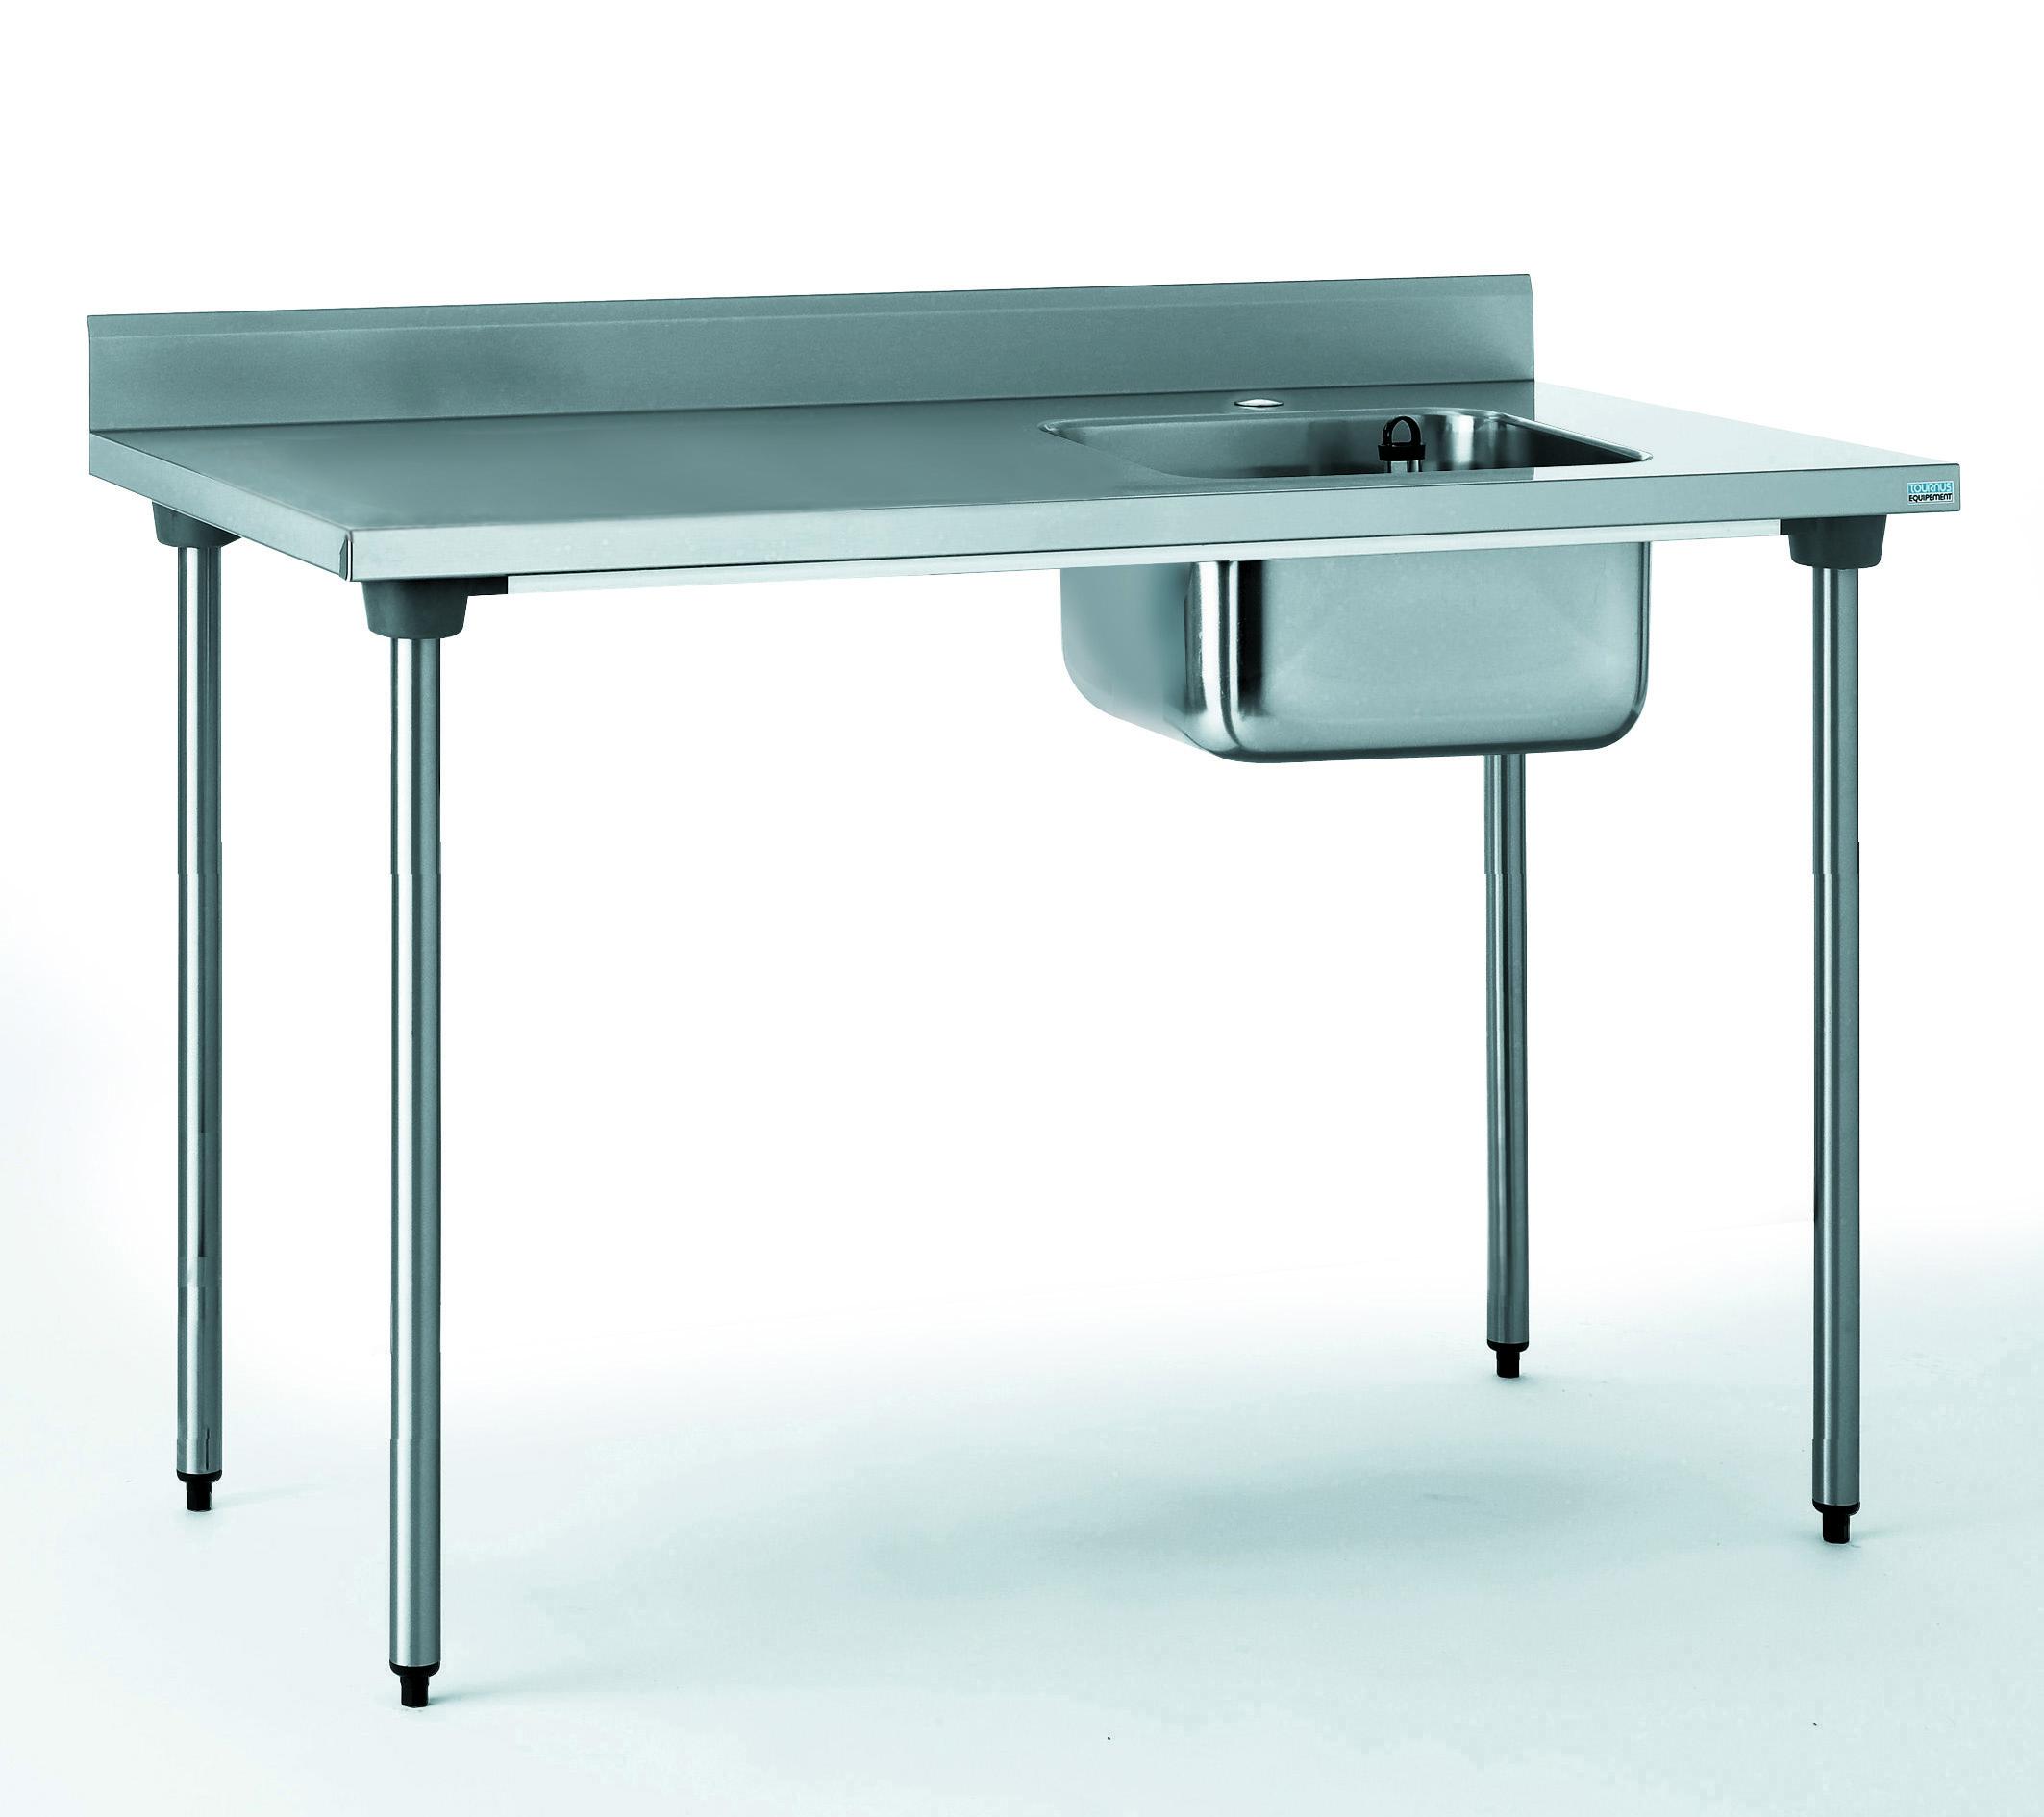 TABLE DU CHEF CHR 700X1400 BAC A DROITE SANS ROBINET